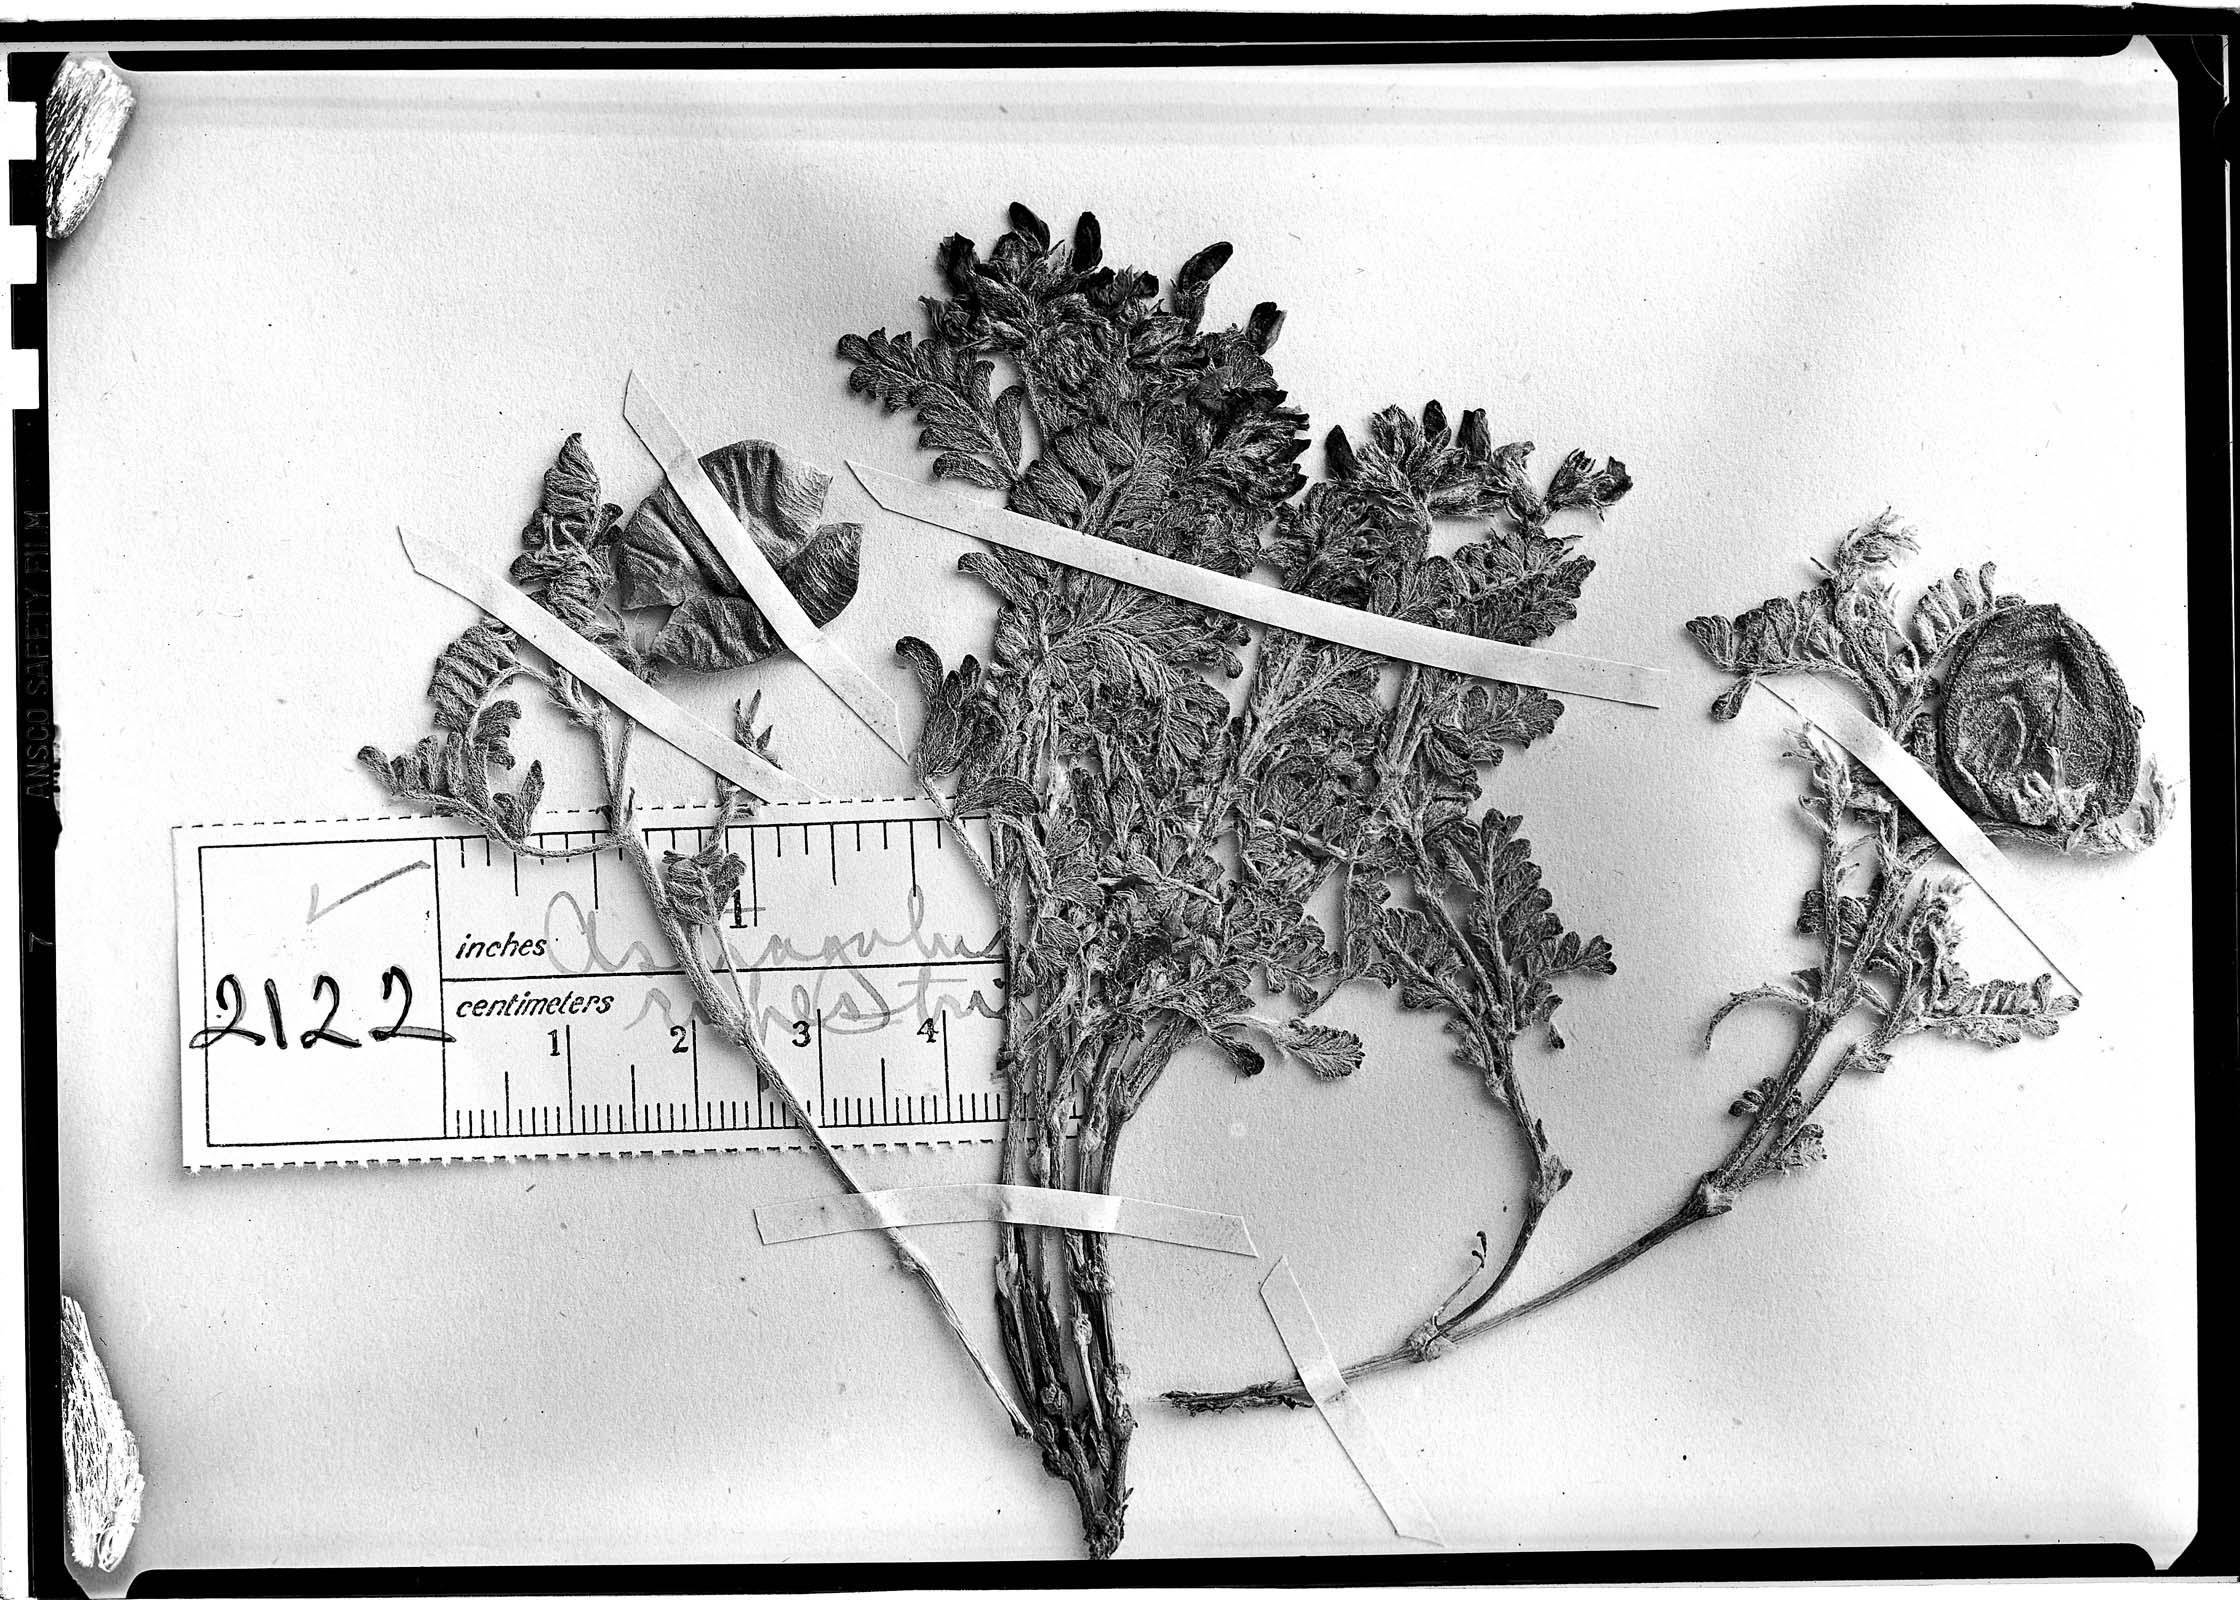 Astragalus rupestris image